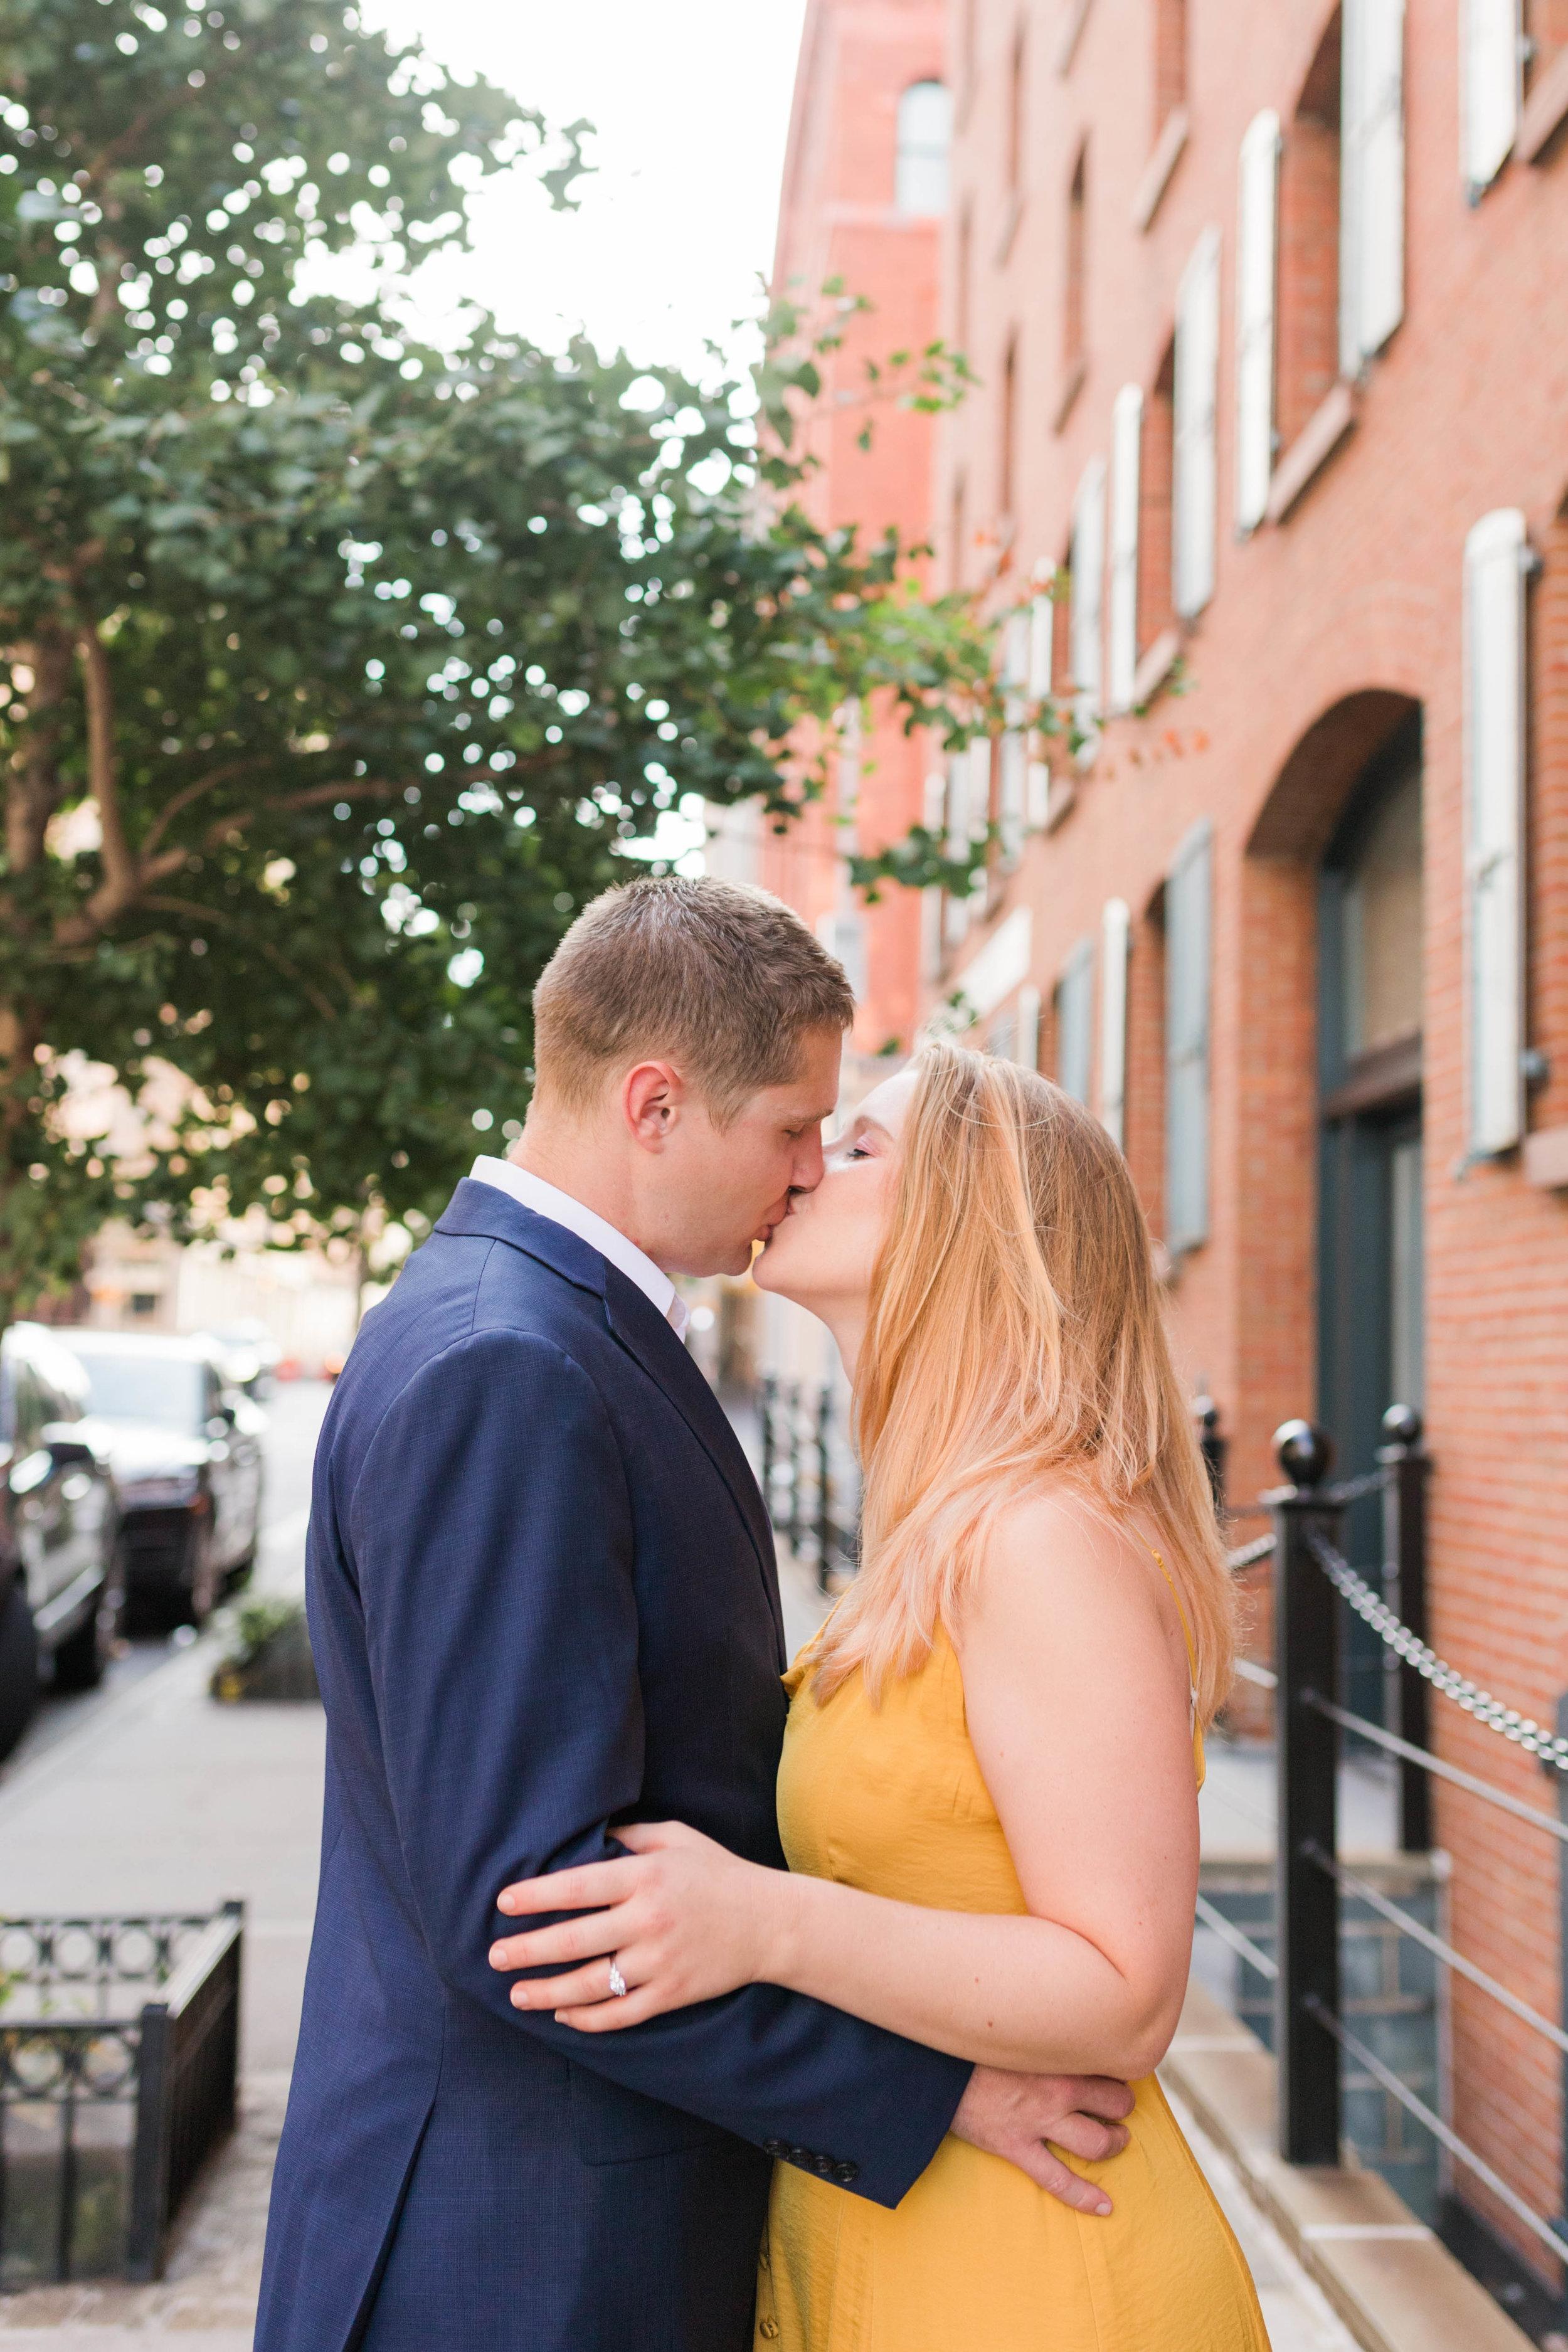 Soho dating resor online dating webbplatser